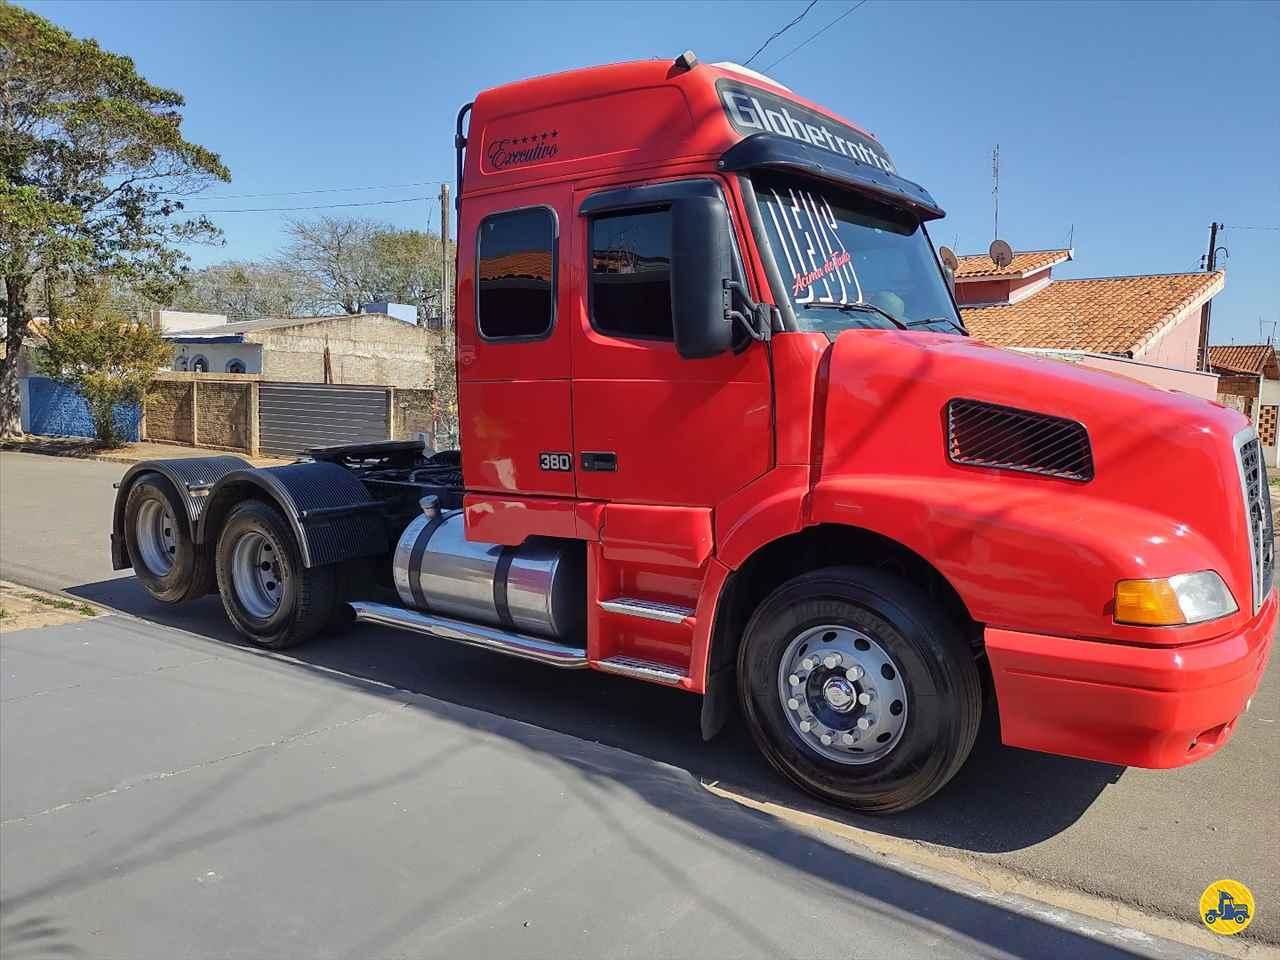 CAMINHAO VOLVO VOLVO NH12 380 Cavalo Mecânico Truck 6x2 Ebenezer Caminhões e Carretas CAPAO BONITO SÃO PAULO SP